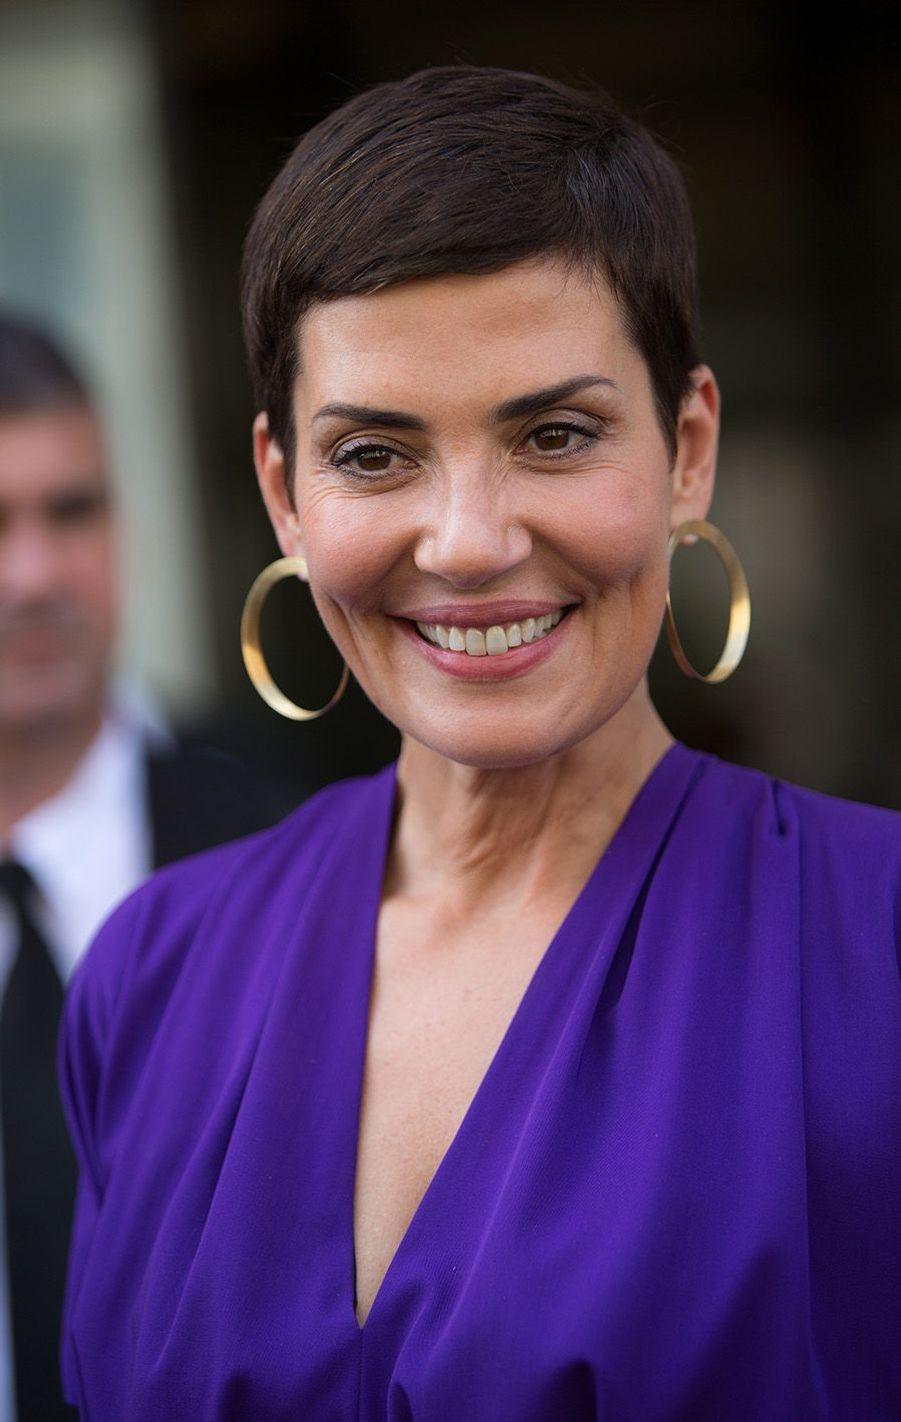 Cristina Cordula au défilé Jean Paul Gaultier à Paris, le 5 juillet 2017.